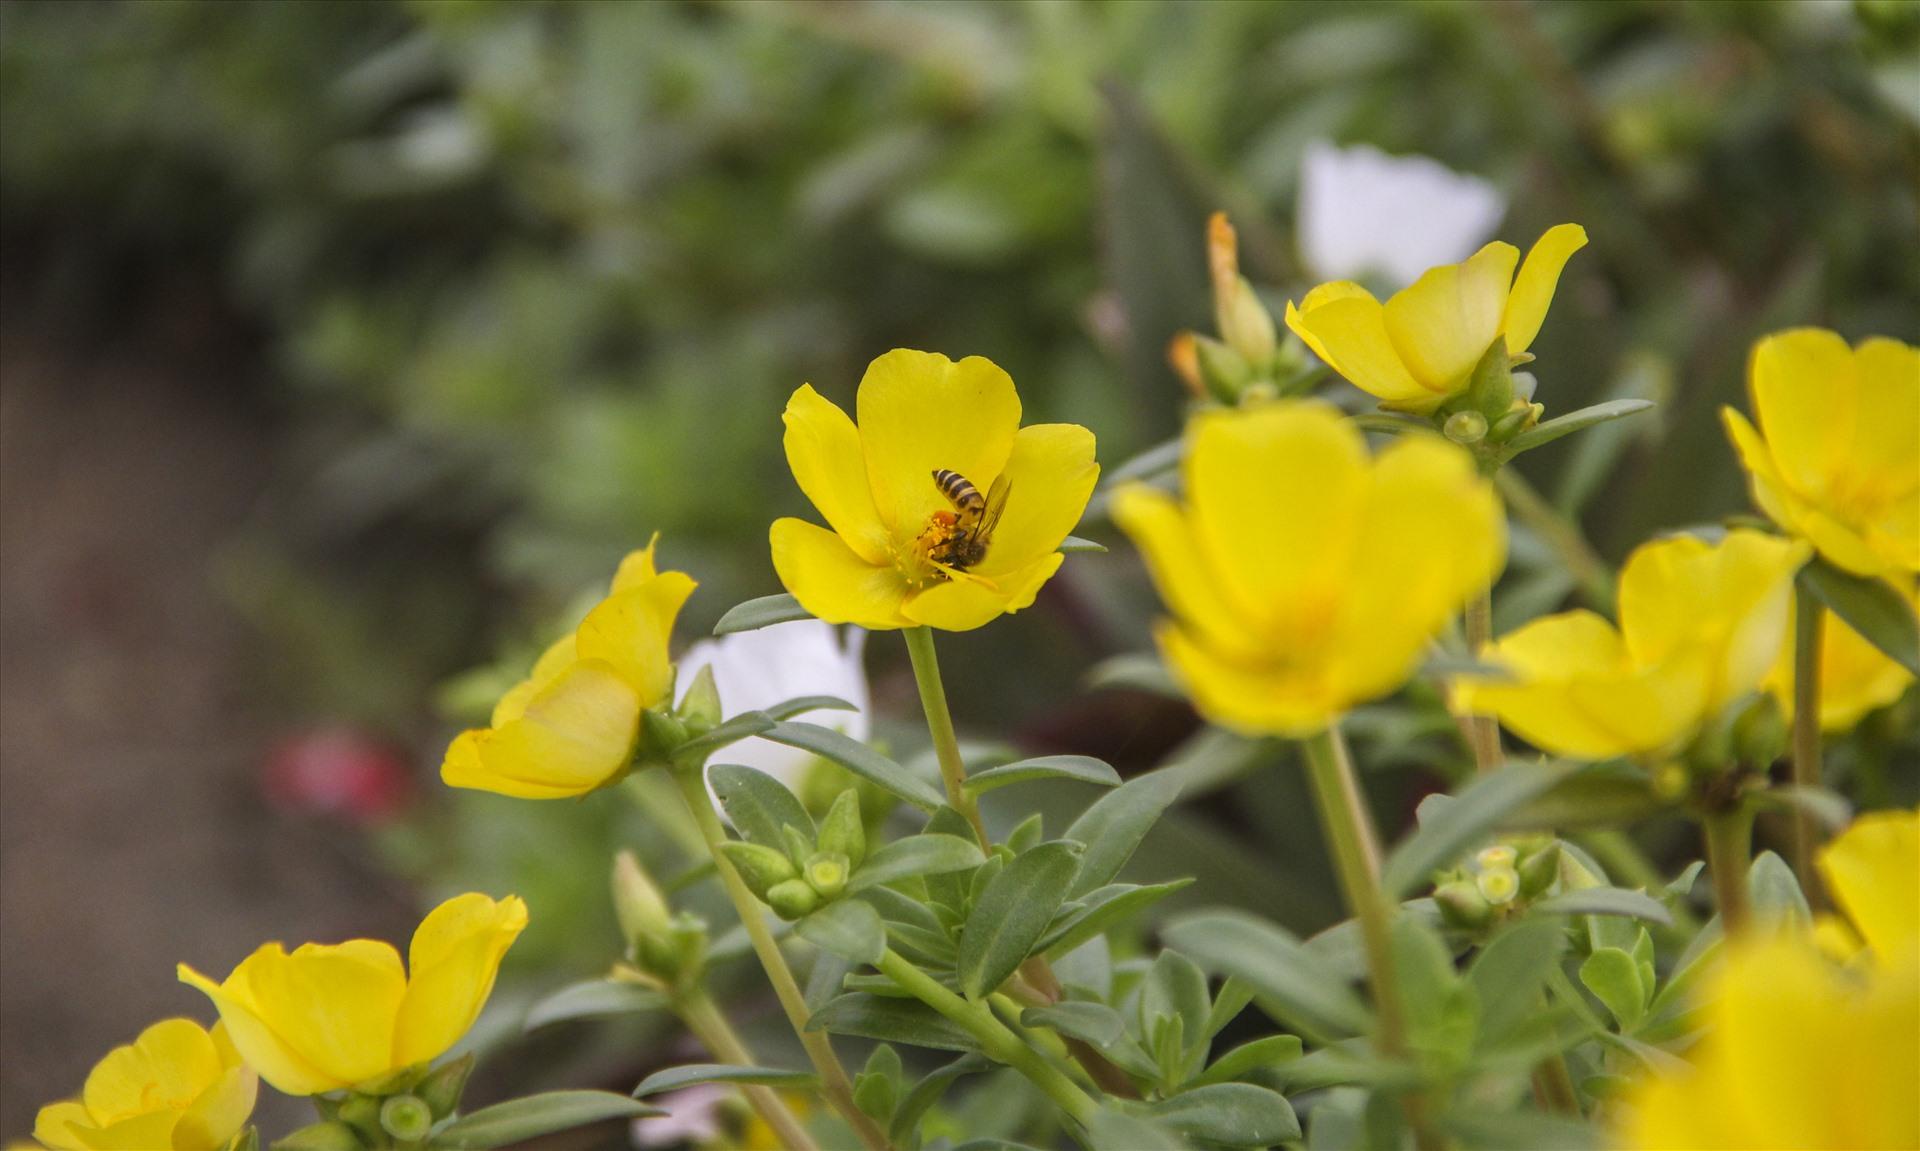 """""""Ban đầu trồng sao để hoa sống được là cả một vấn đề, nhưng trồng hoa miết nên chừ chăm sóc chúng dễ lắm, sáng sớm ra tưới nước, tối về nhổ cỏ rồi tưới thêm một lần nước nữa là xong"""" – ông Toản chia sẻ."""